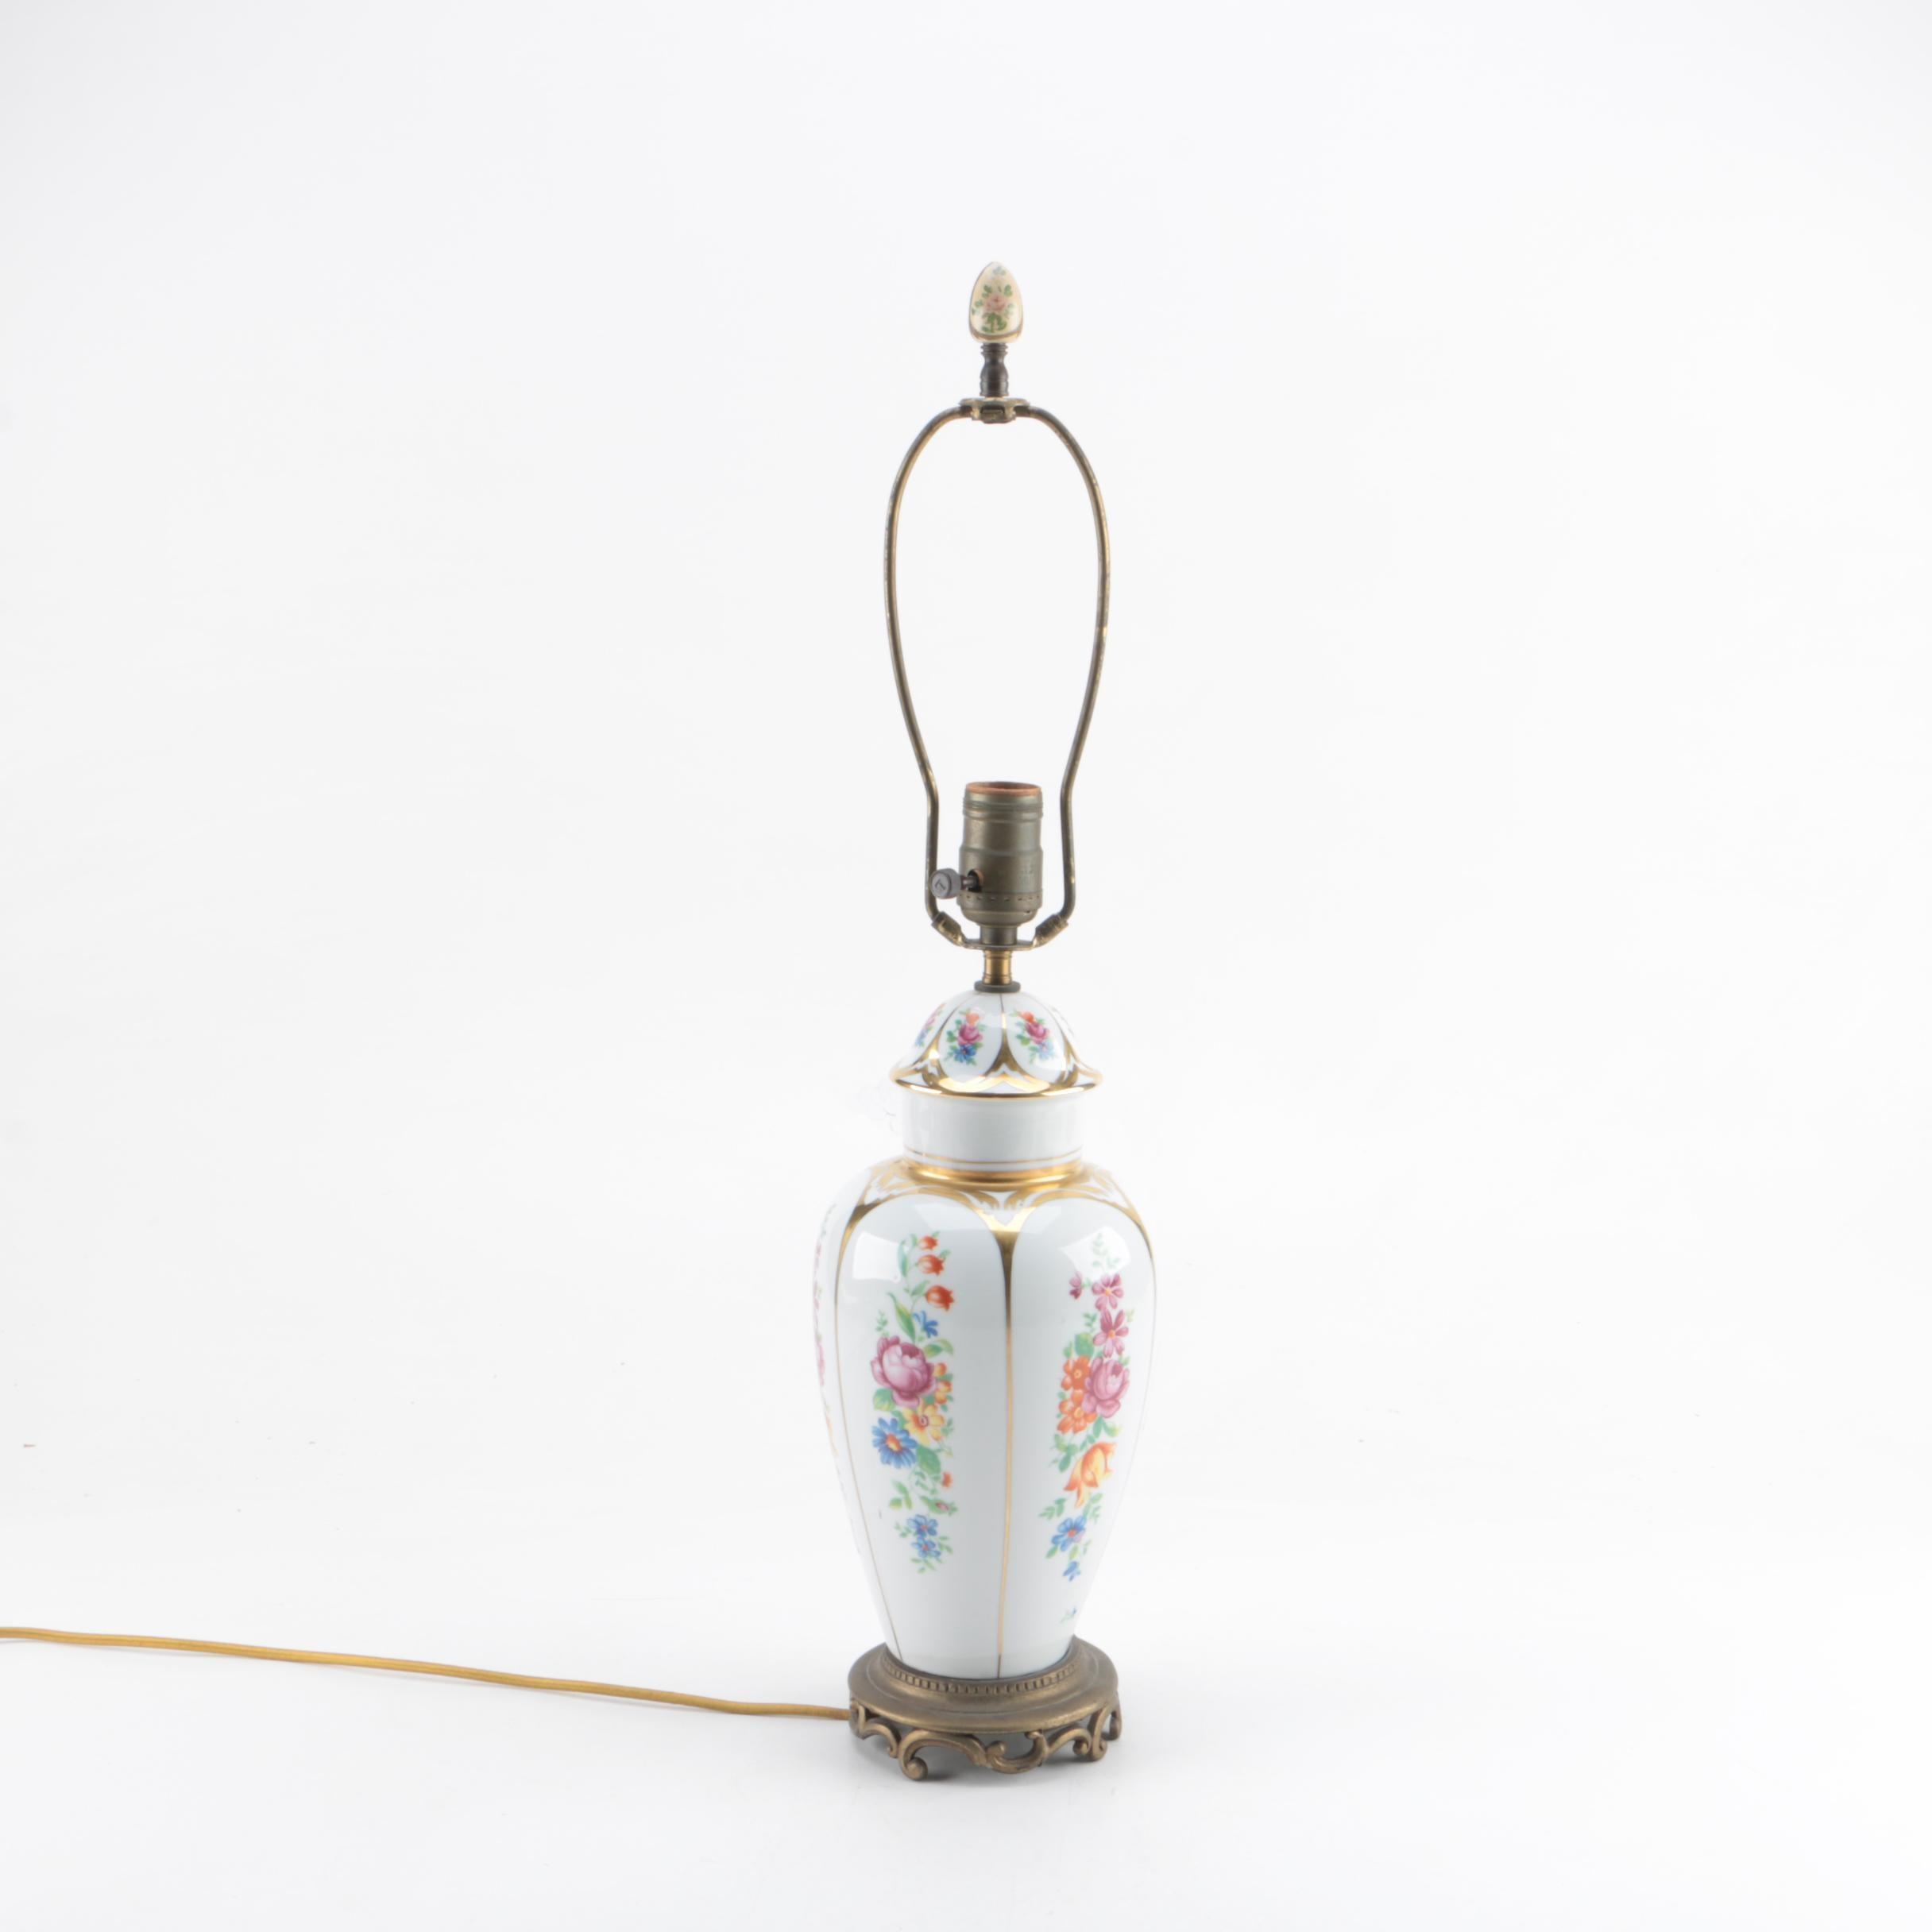 Ceramic Floral Motif Table Lamp